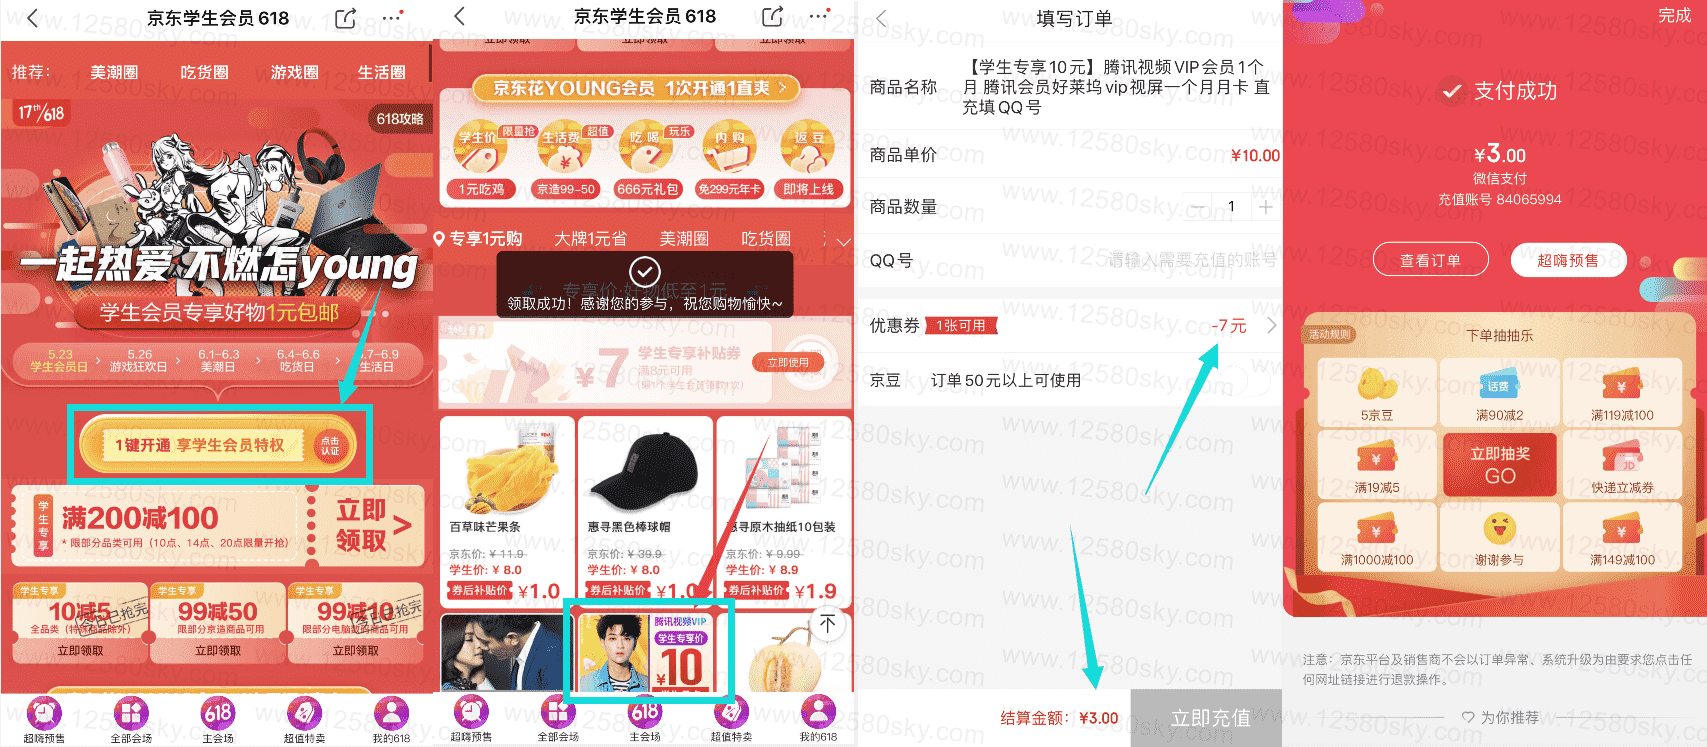 京东3元开1月腾讯视频会员活动